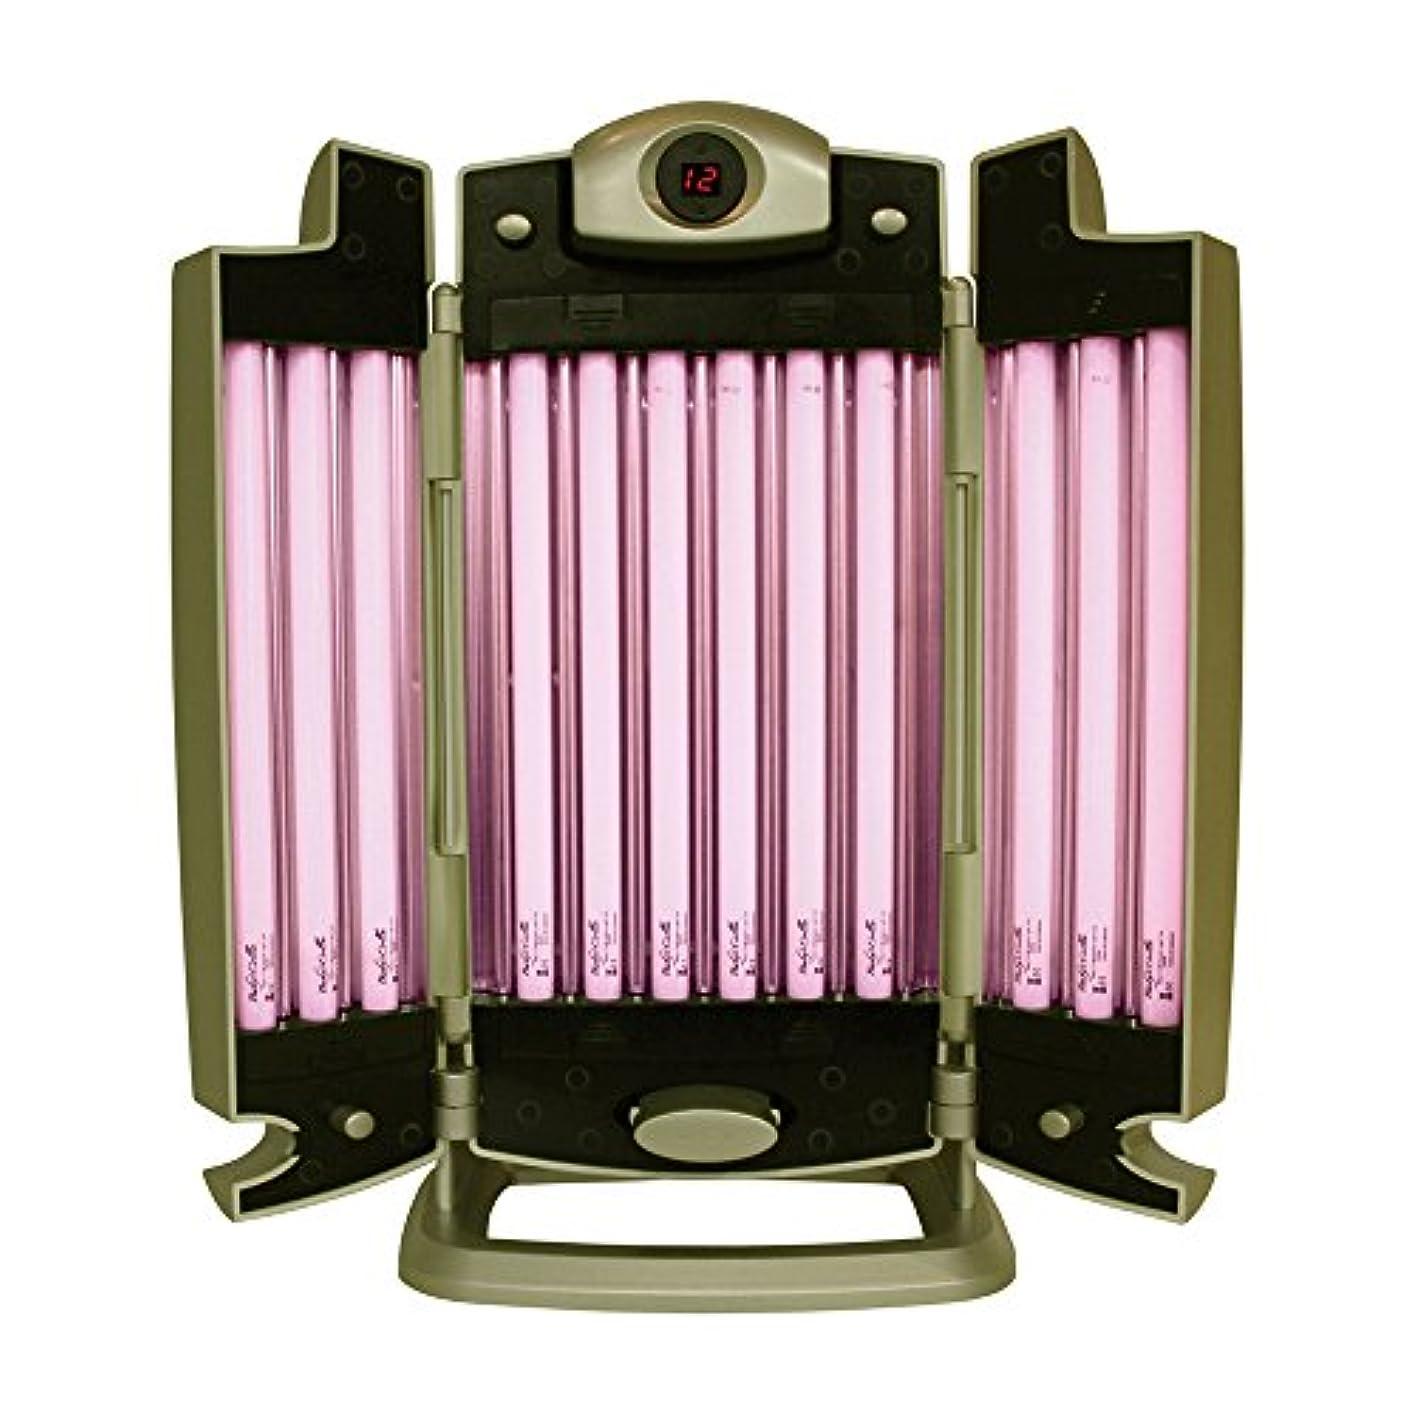 イノセンスカレッジ設置Beauty Light(ビューティーライト) フェイシャル パーフェクトケアセット